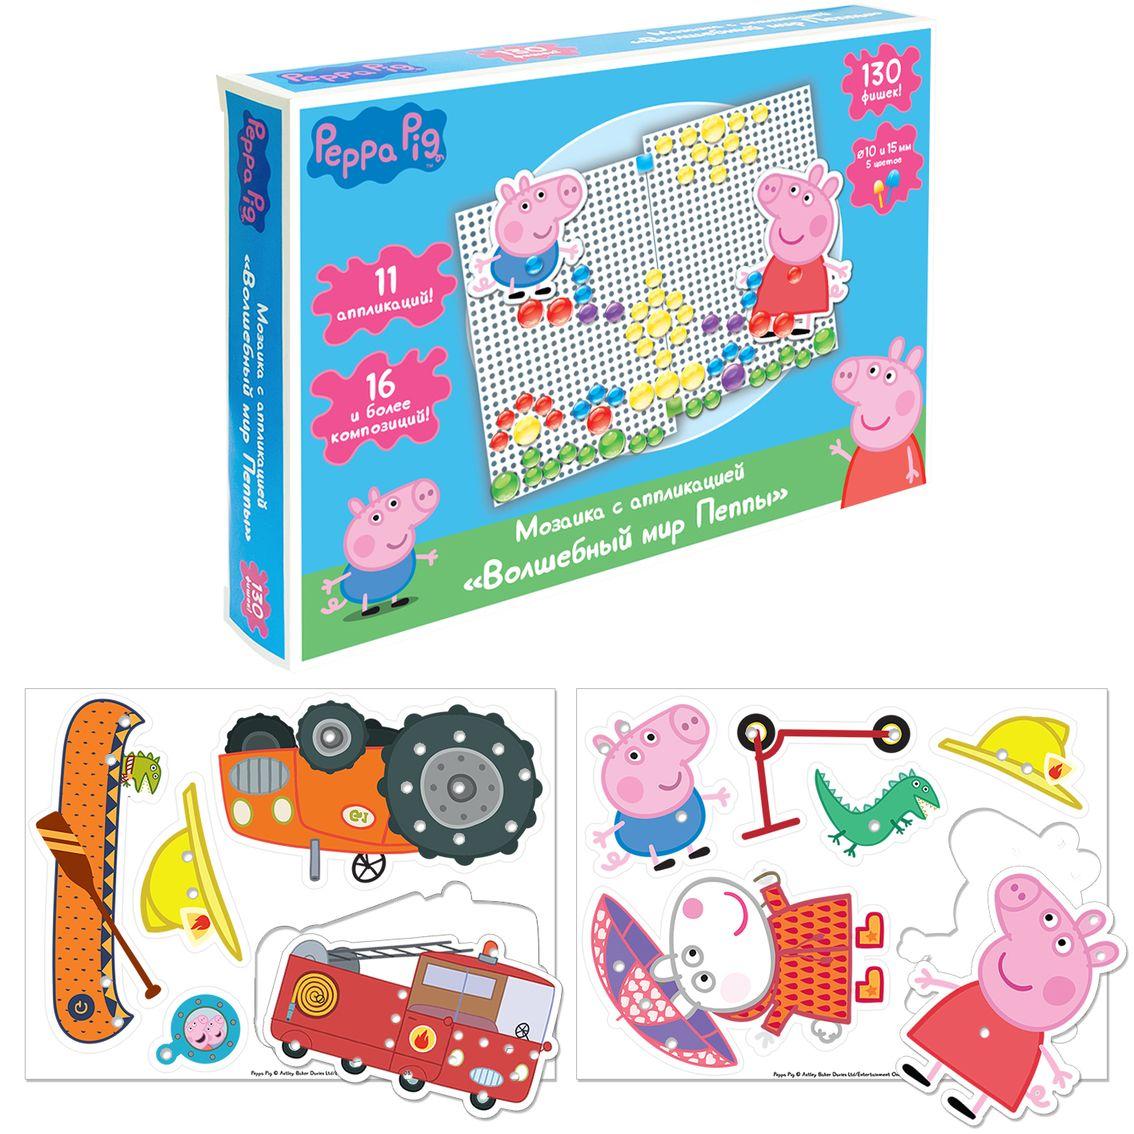 Мозаика с аппликацией Волшебный мир Пеппы из серии Свинка ПеппаСвинка Пеппа (Peppa Pig )<br>Мозаика с аппликацией Волшебный мир Пеппы из серии Свинка Пеппа<br>